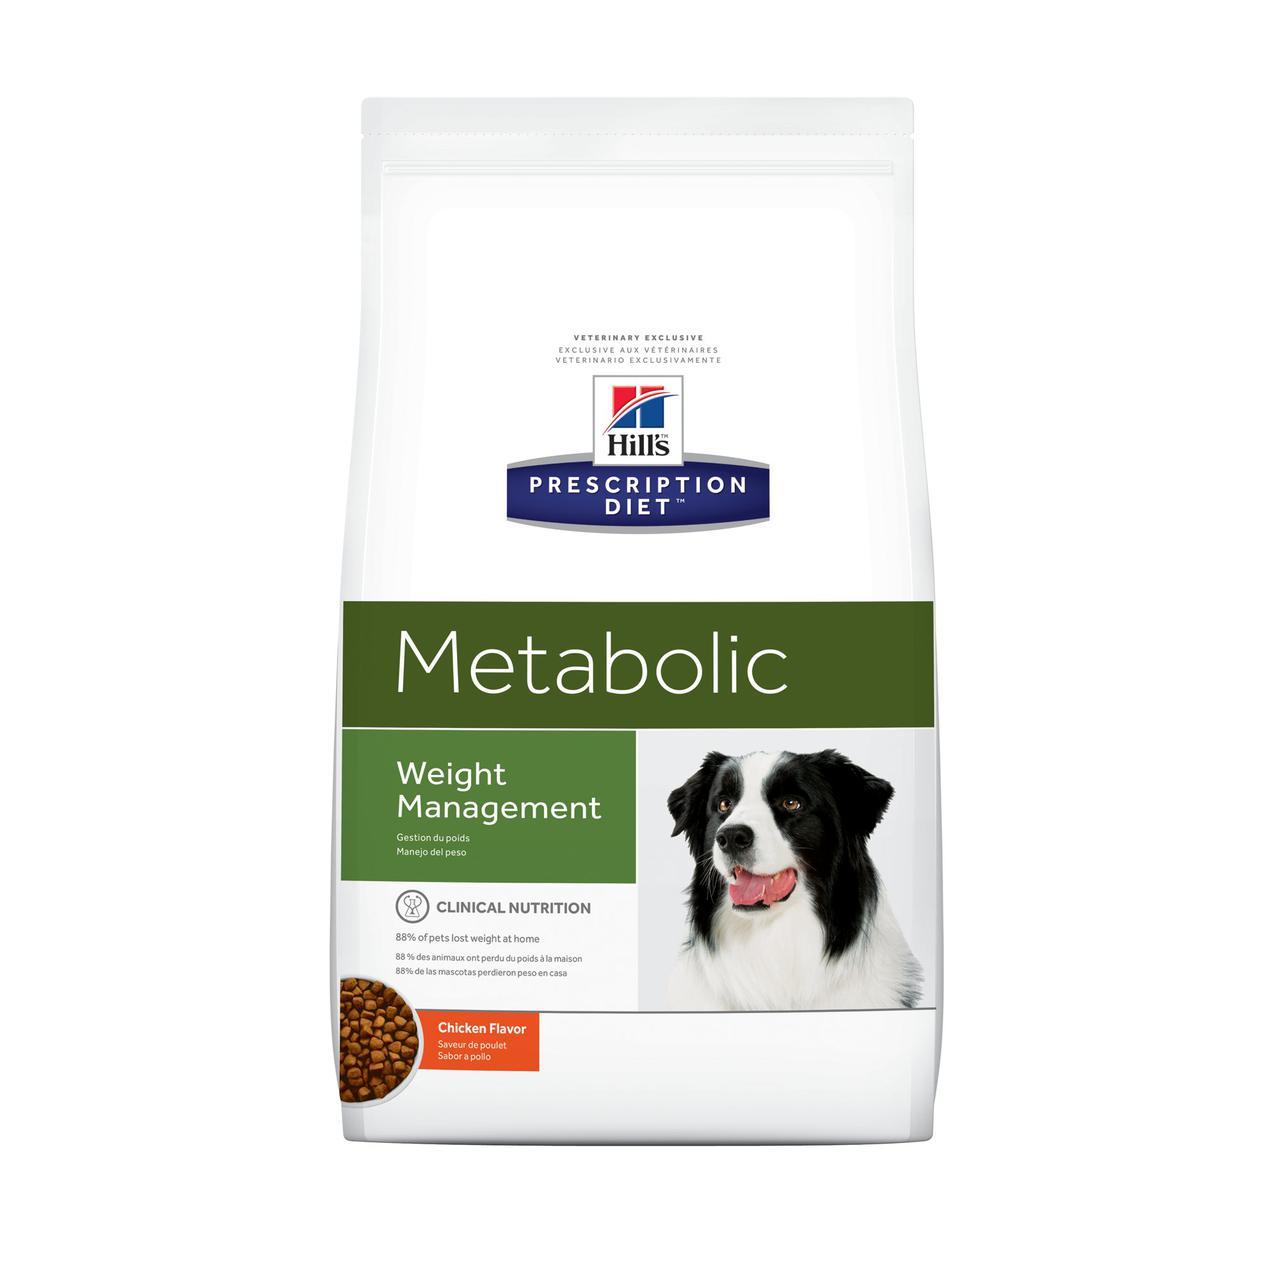 Hill's Prescription Diet Metabolic Canine лікувальний корм для зниження і підтримки ваги у собак 1,5 КГ